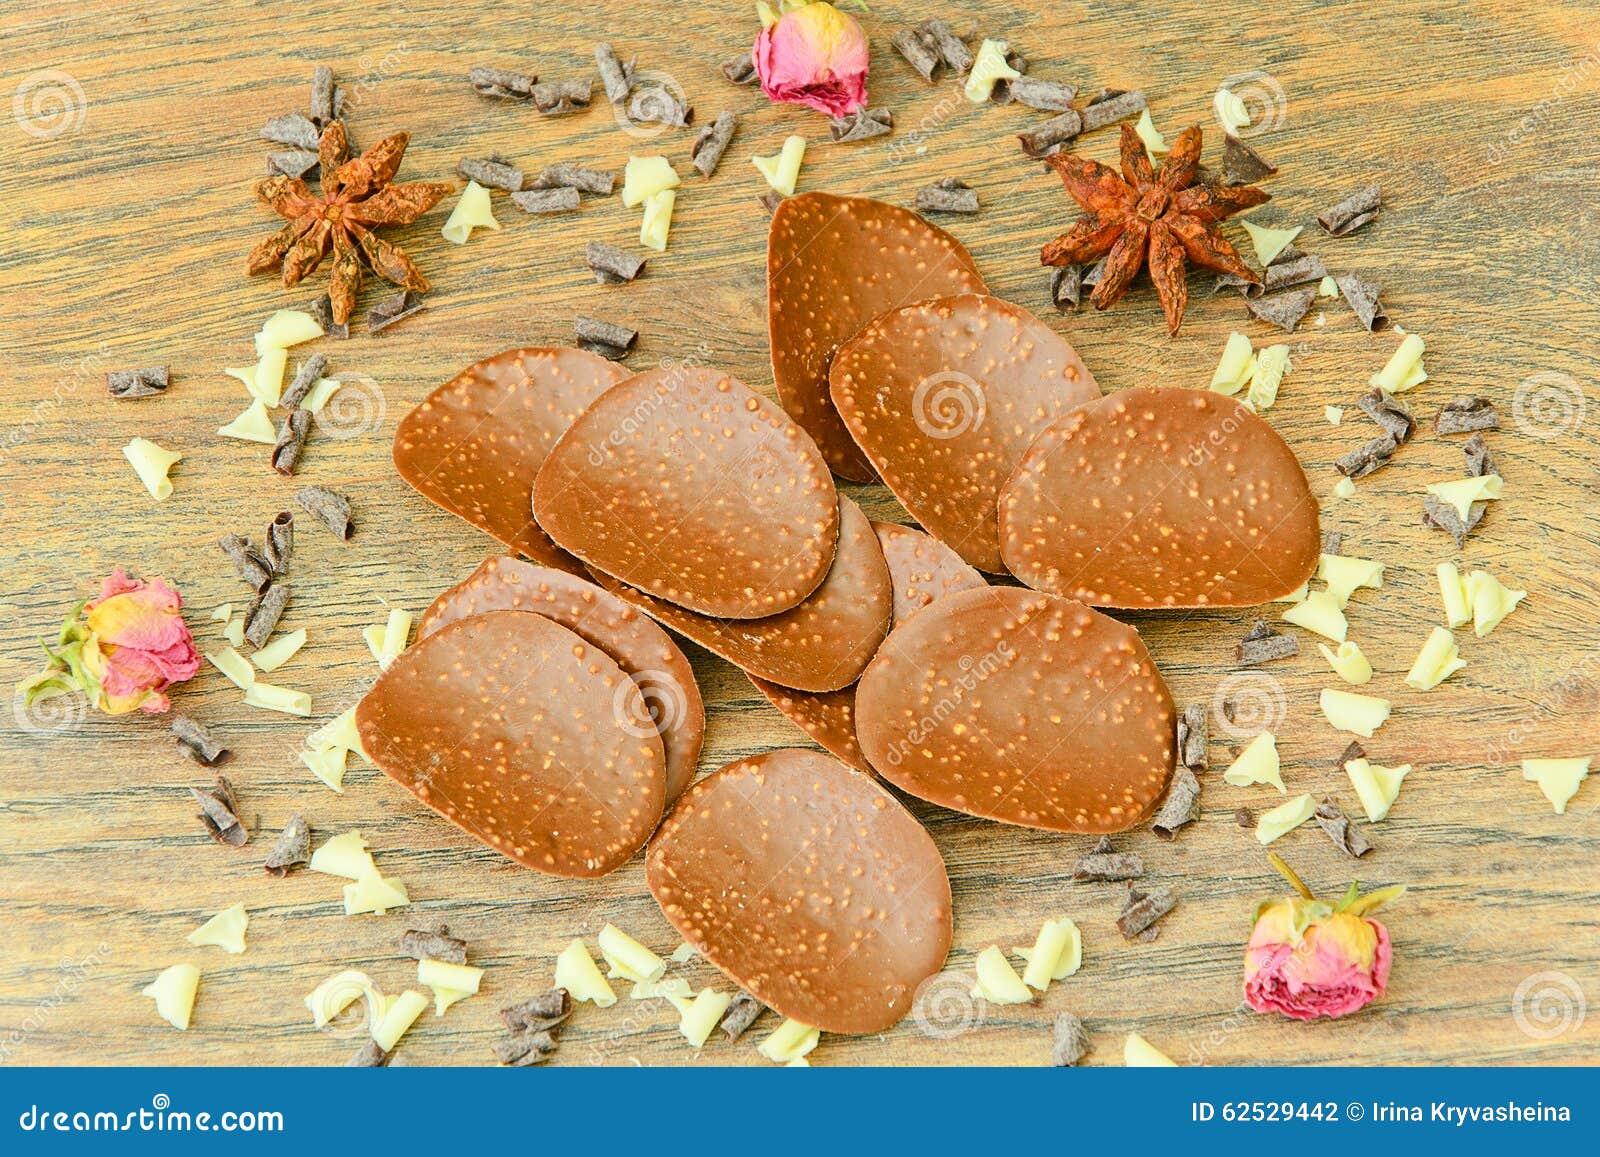 甜可食的装饰:巧克力片